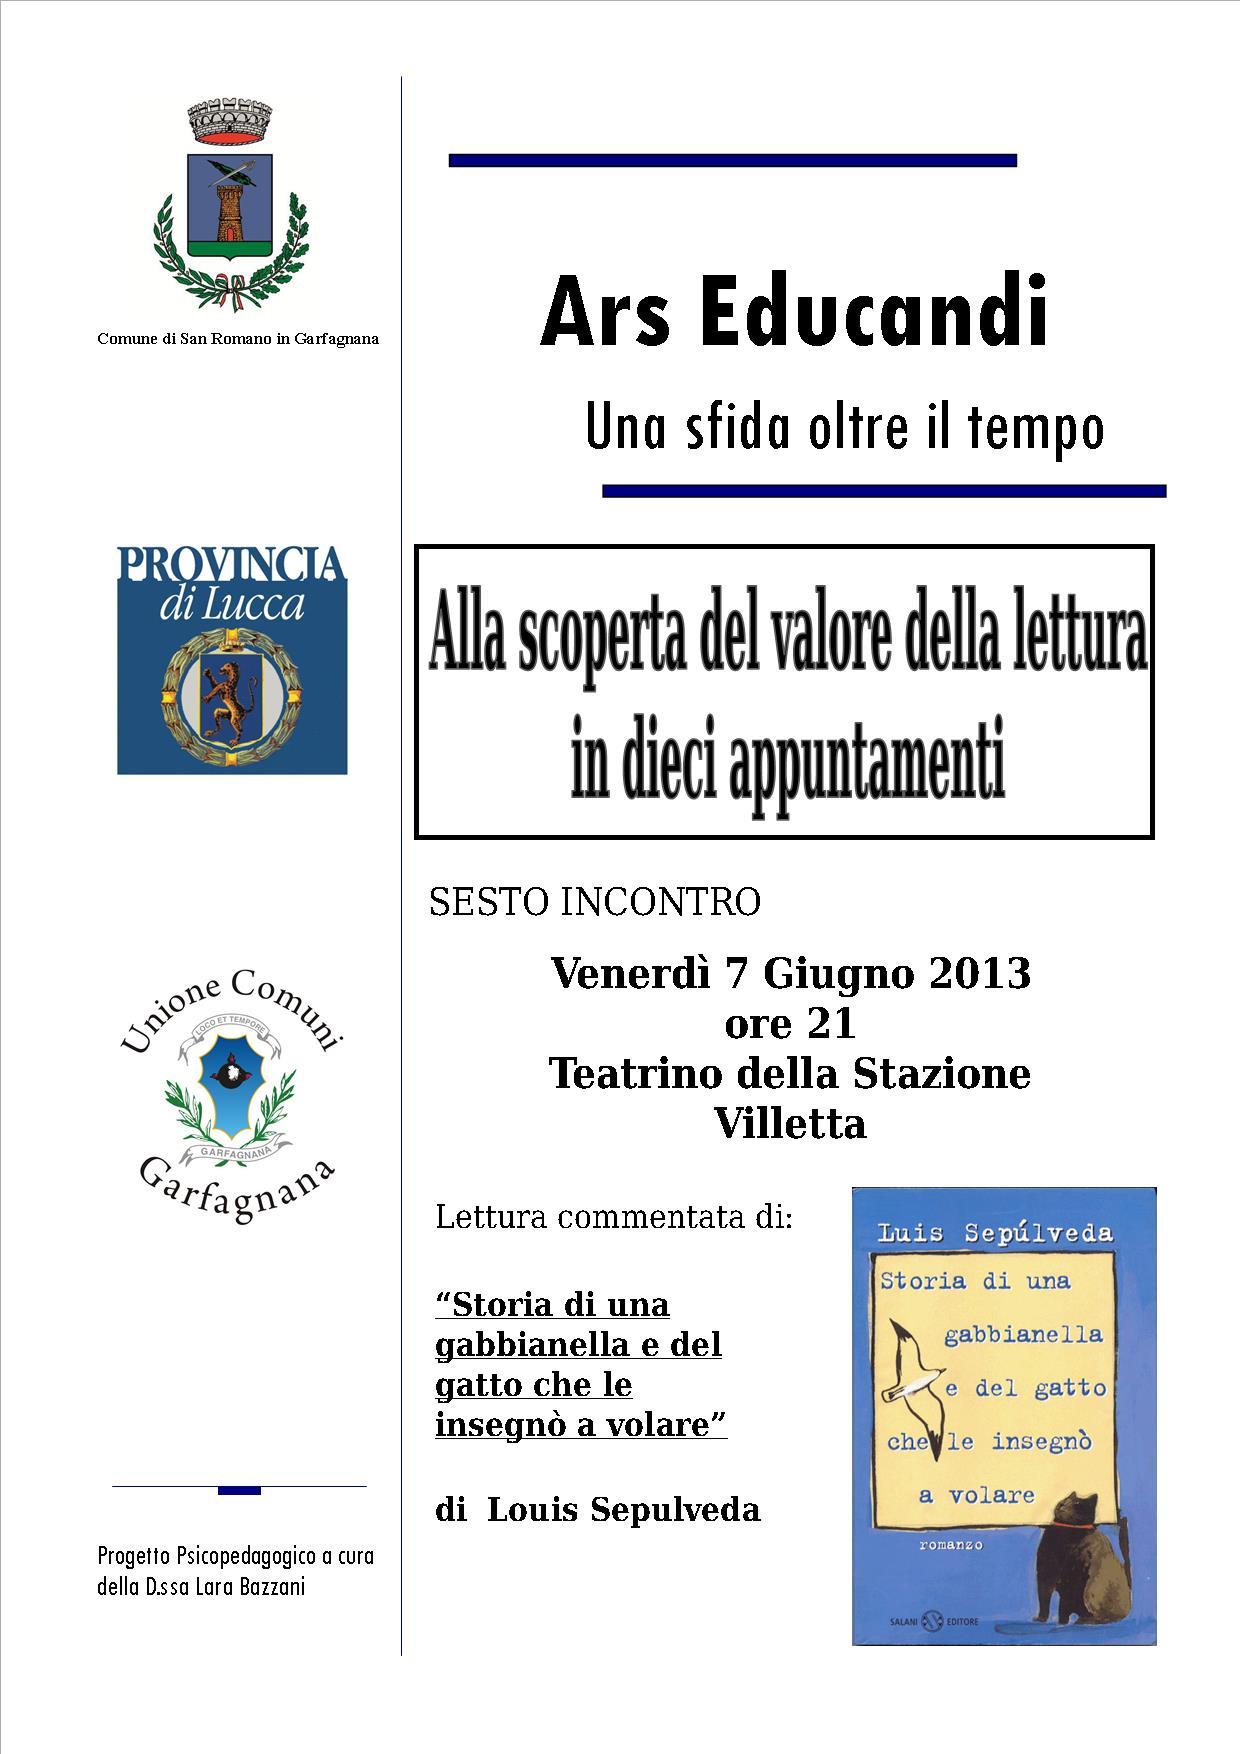 Volantino_progetto_lettura_gabbianella.jpg